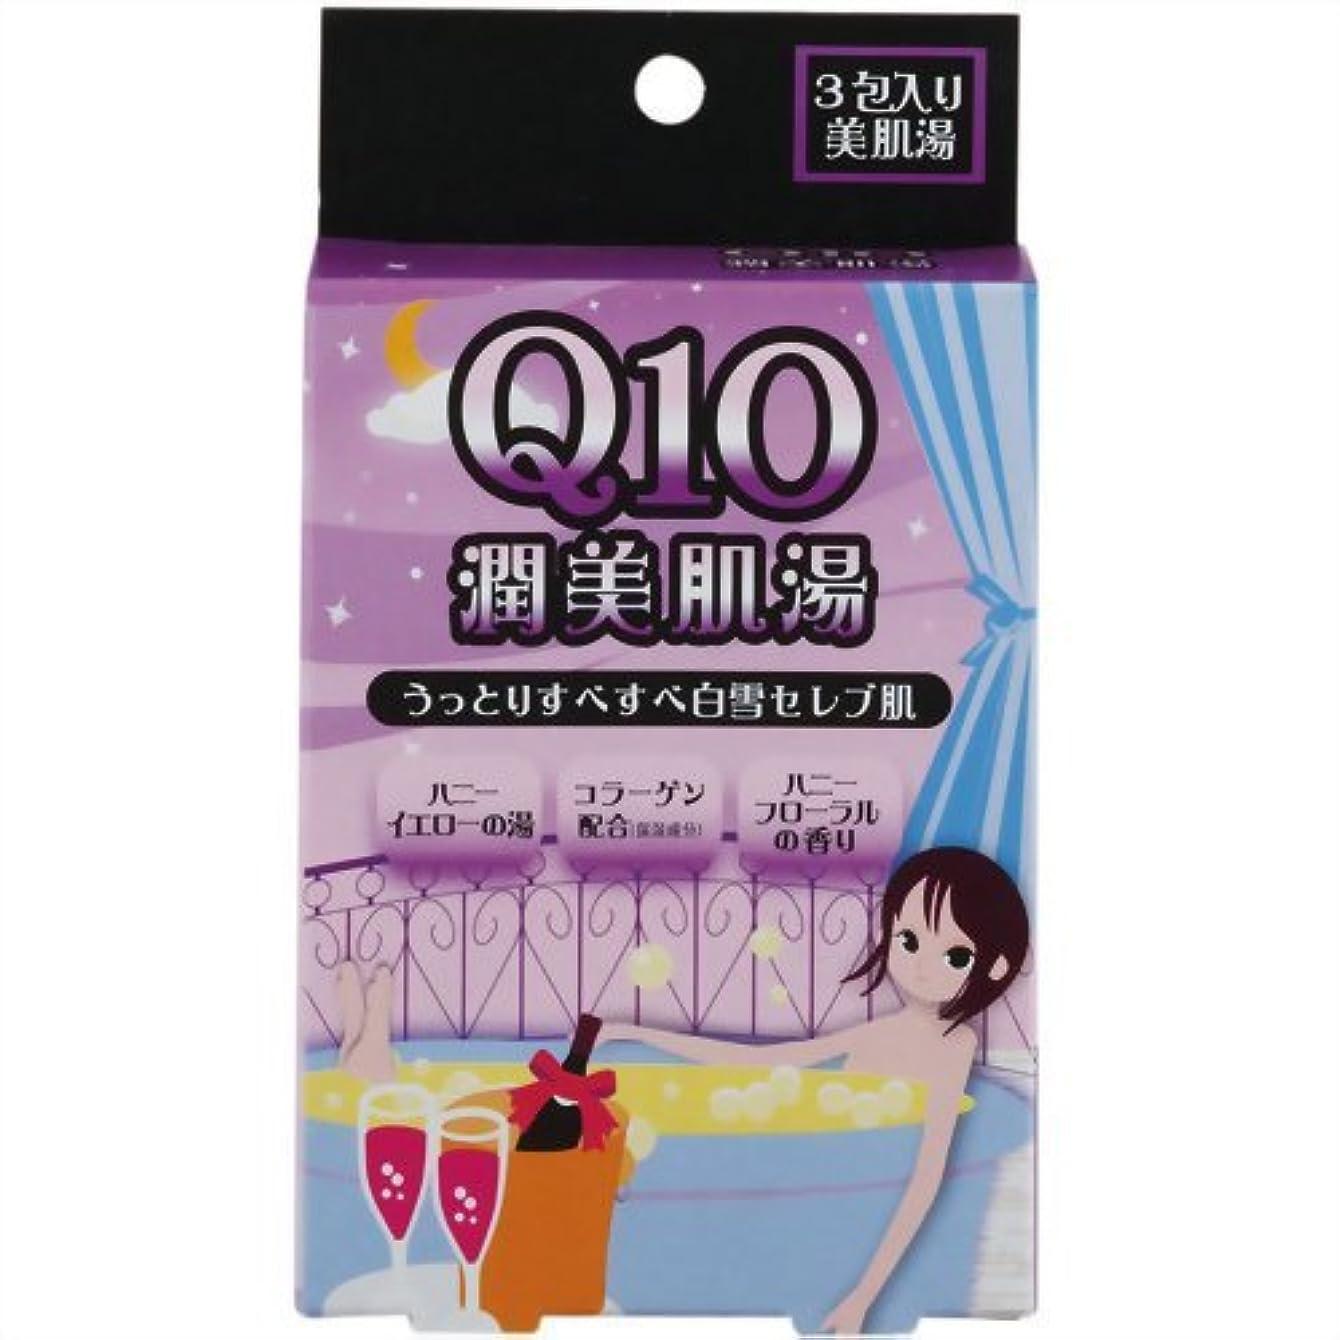 ダム実際に一握り紀陽除虫菊 Q10 潤美肌湯 (ハニーフローラルの香り)【まとめ買い10個セット】 N-8371